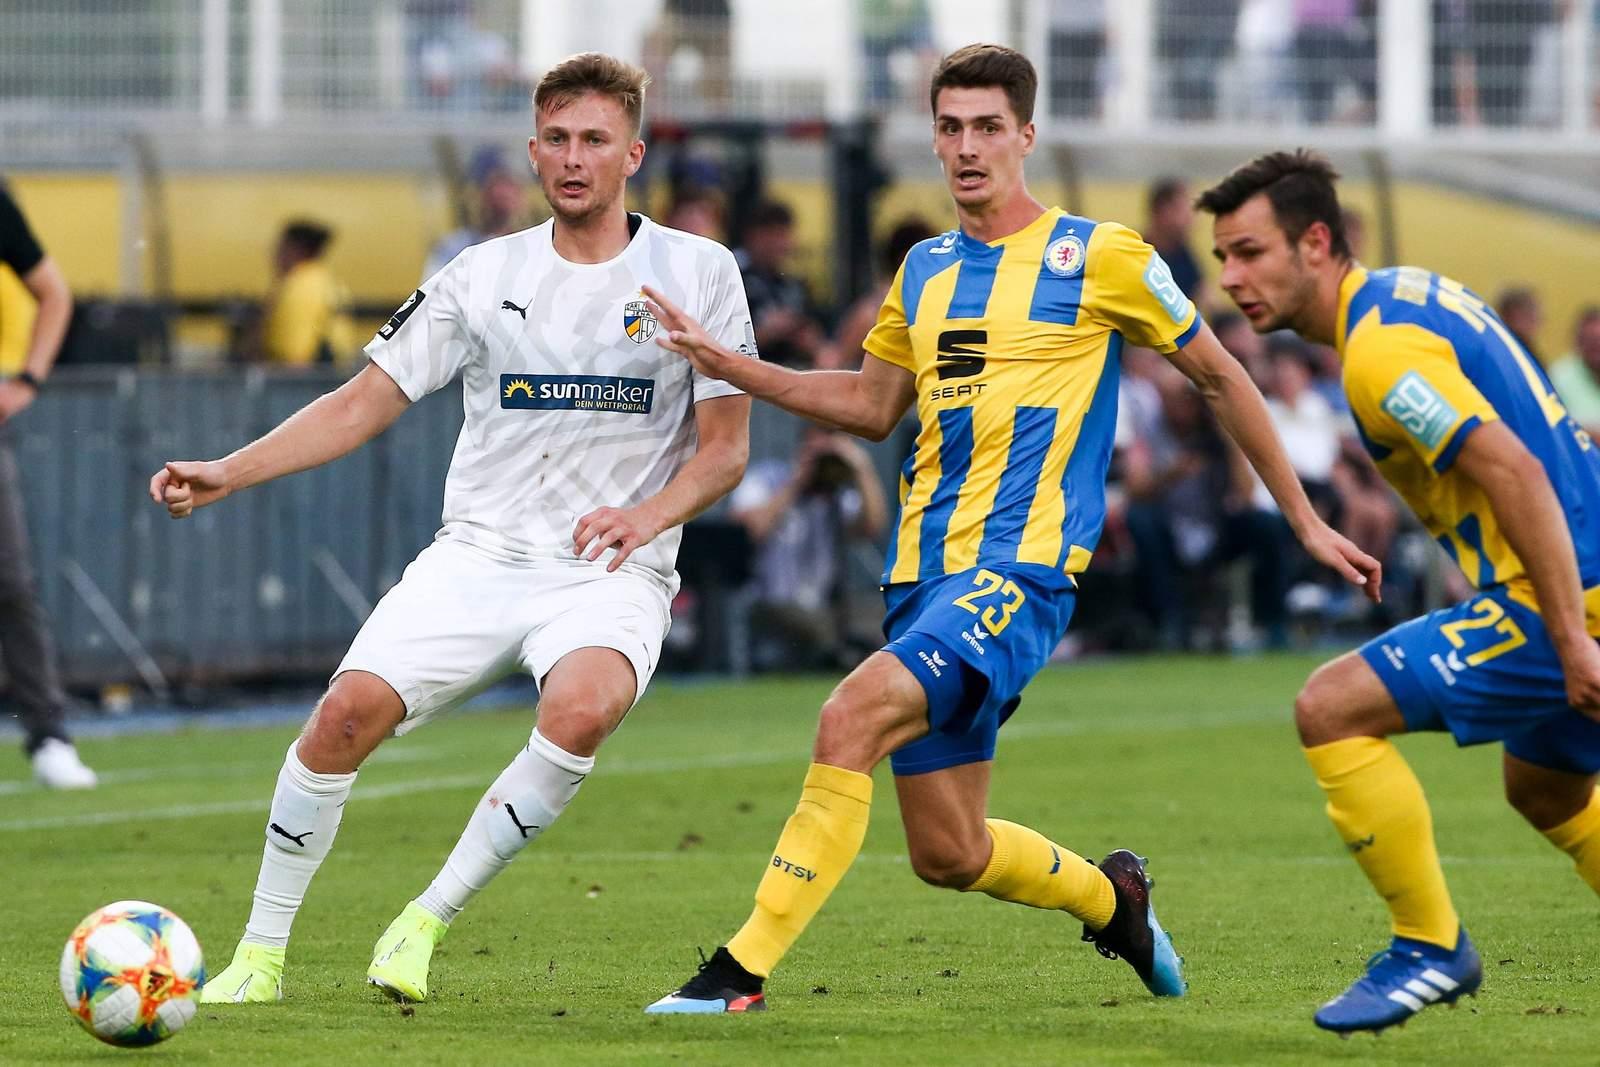 Ole Käuper von Jena gegen Danilo Wiebe von Braunschweig.